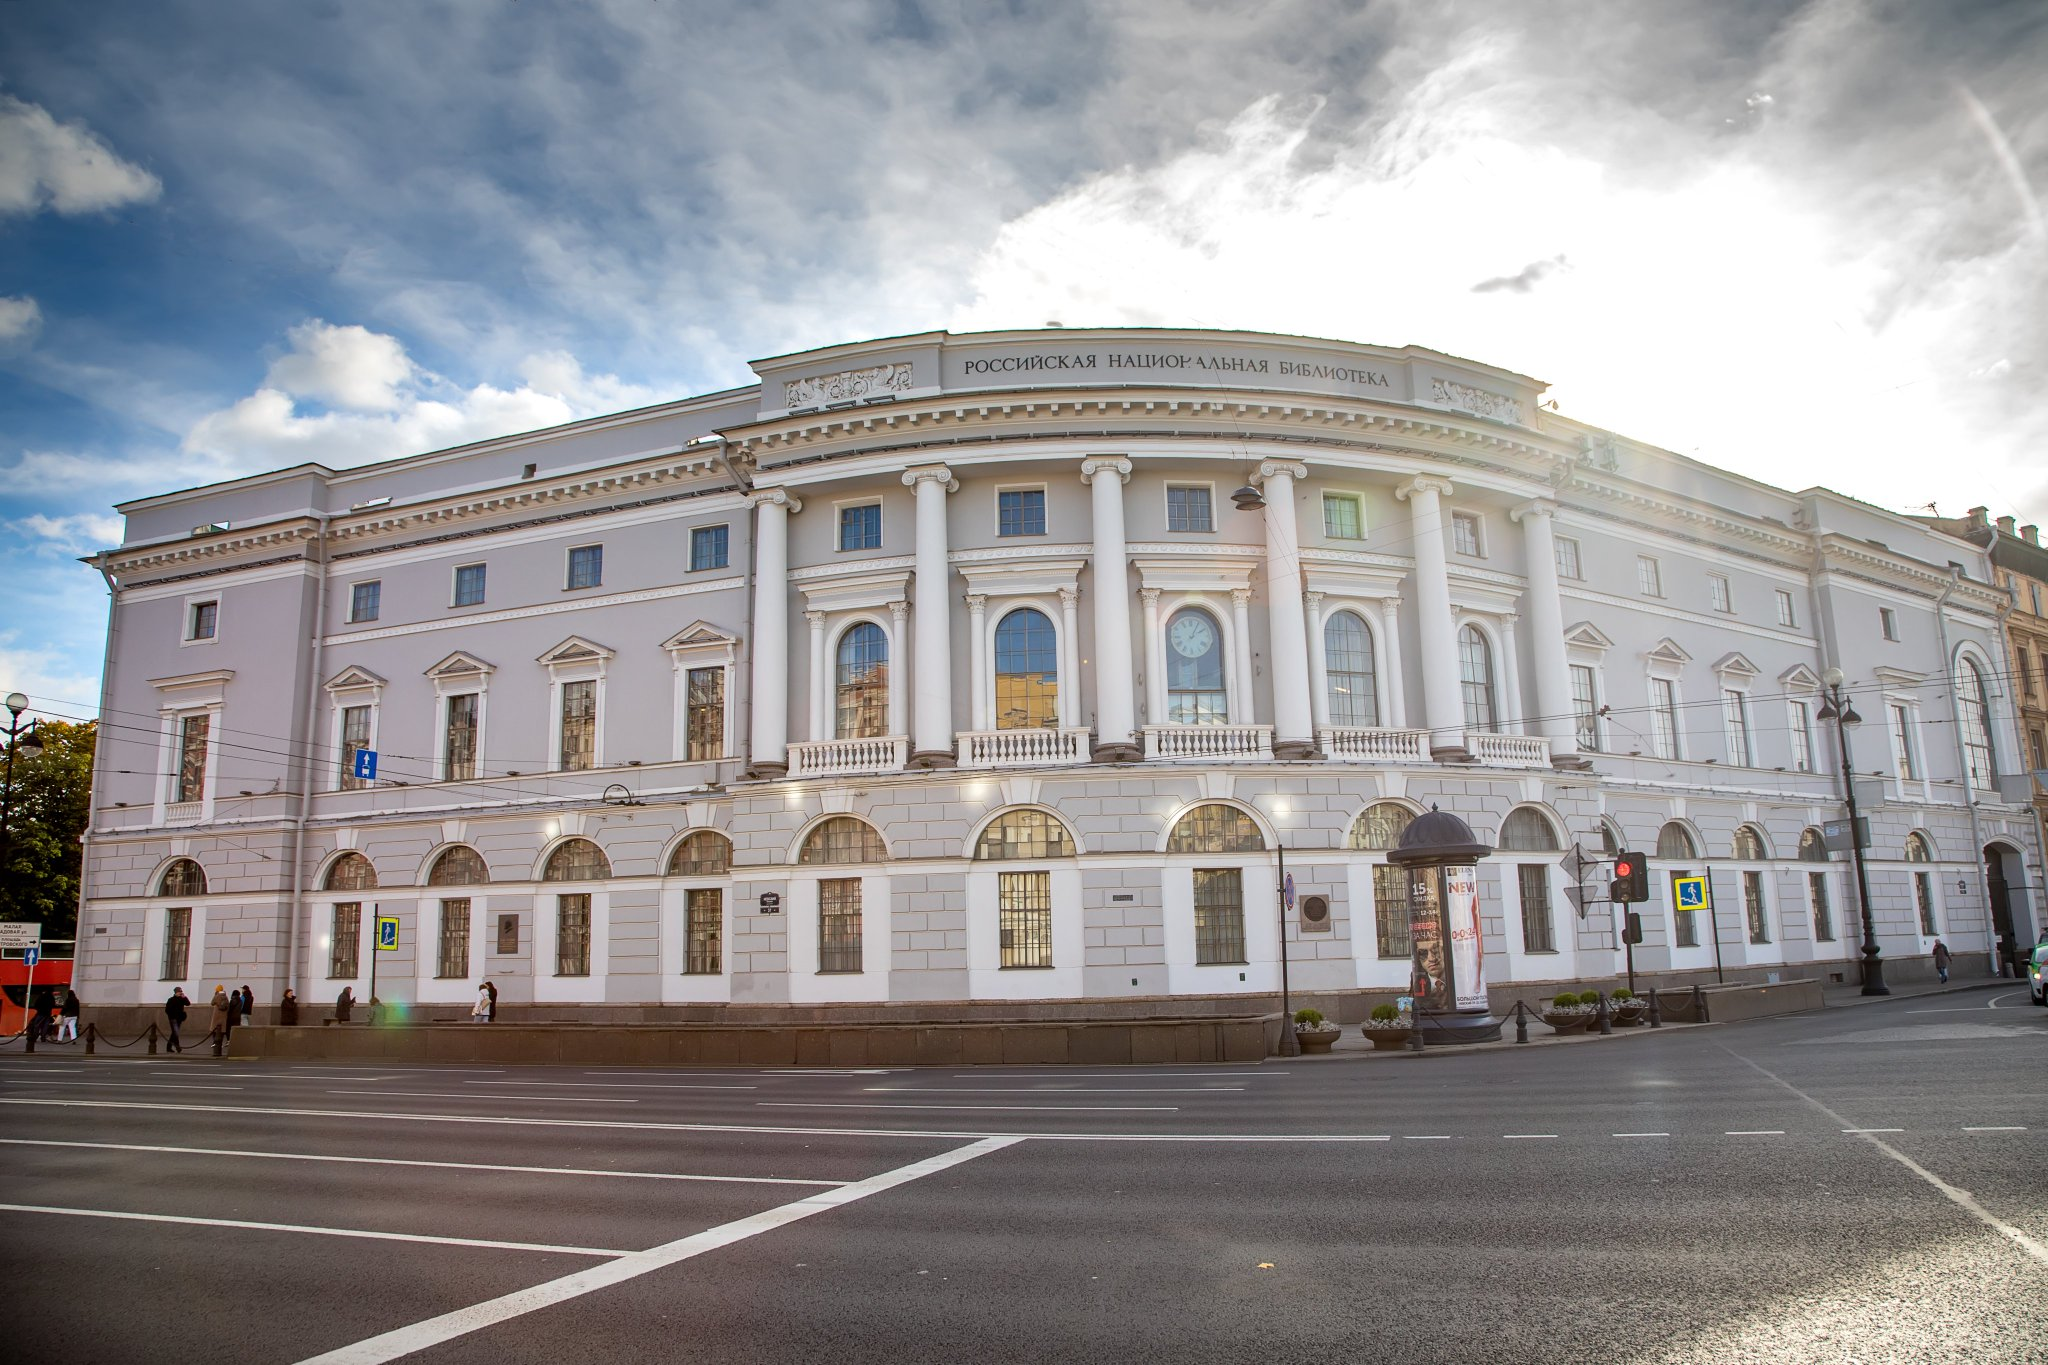 Российская национальная библиотека онлайн. сервисы и ресурсы.